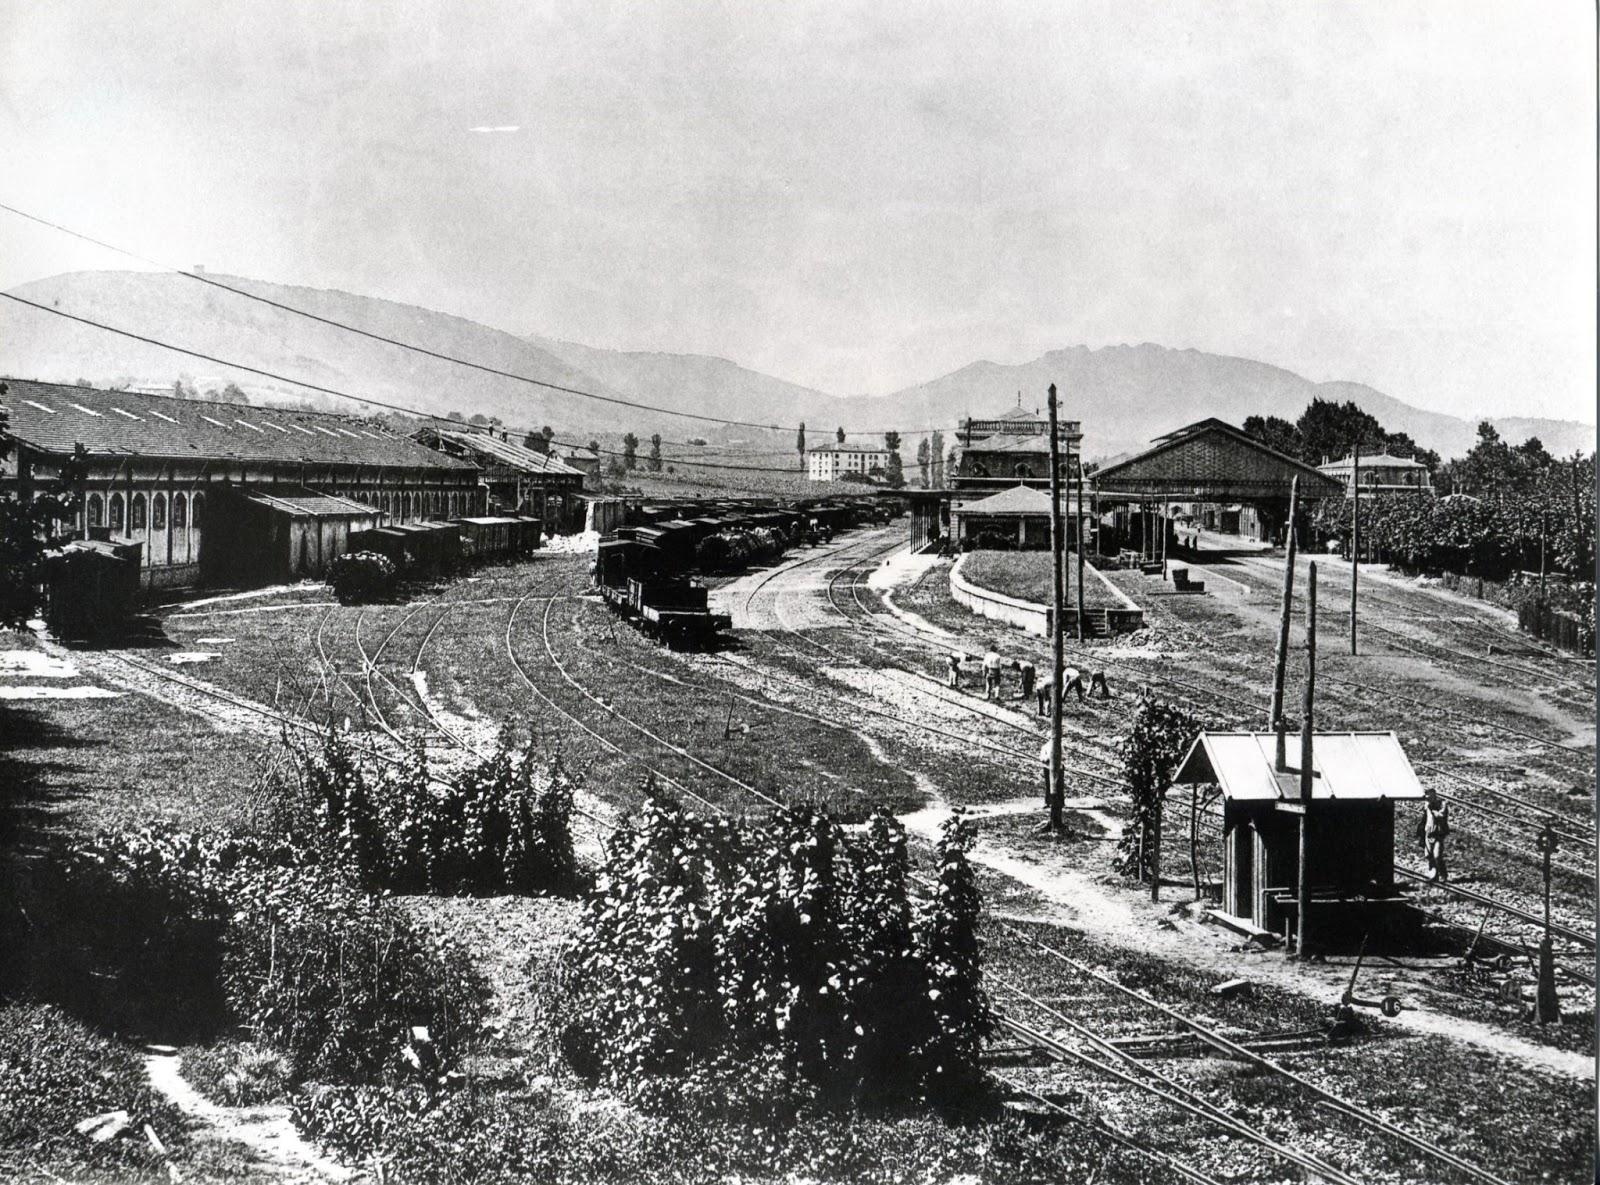 Estacion Internacional de Irun, fondo : J.J. Olaizola